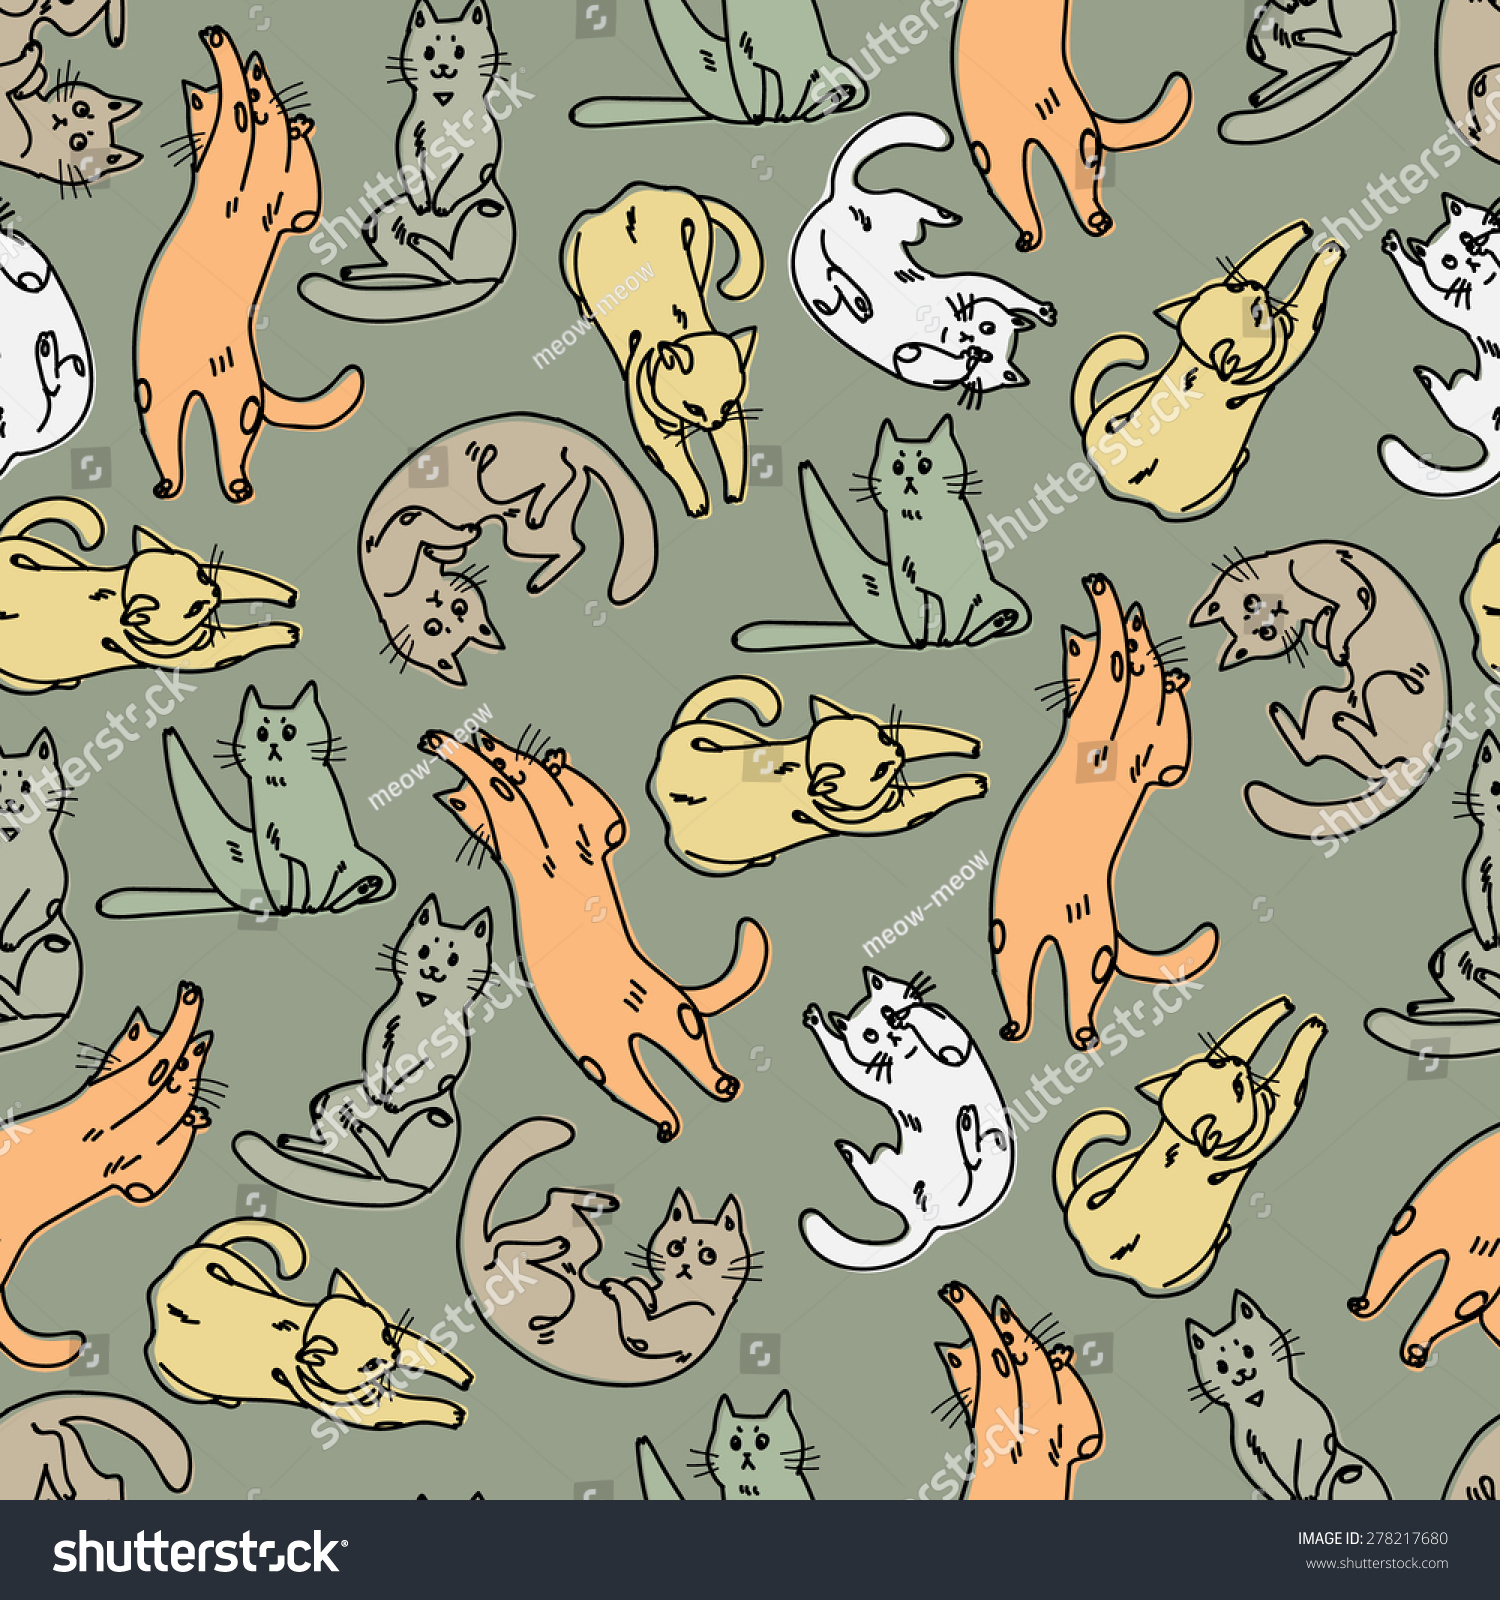 有趣猫的无缝模式-动物/野生生物